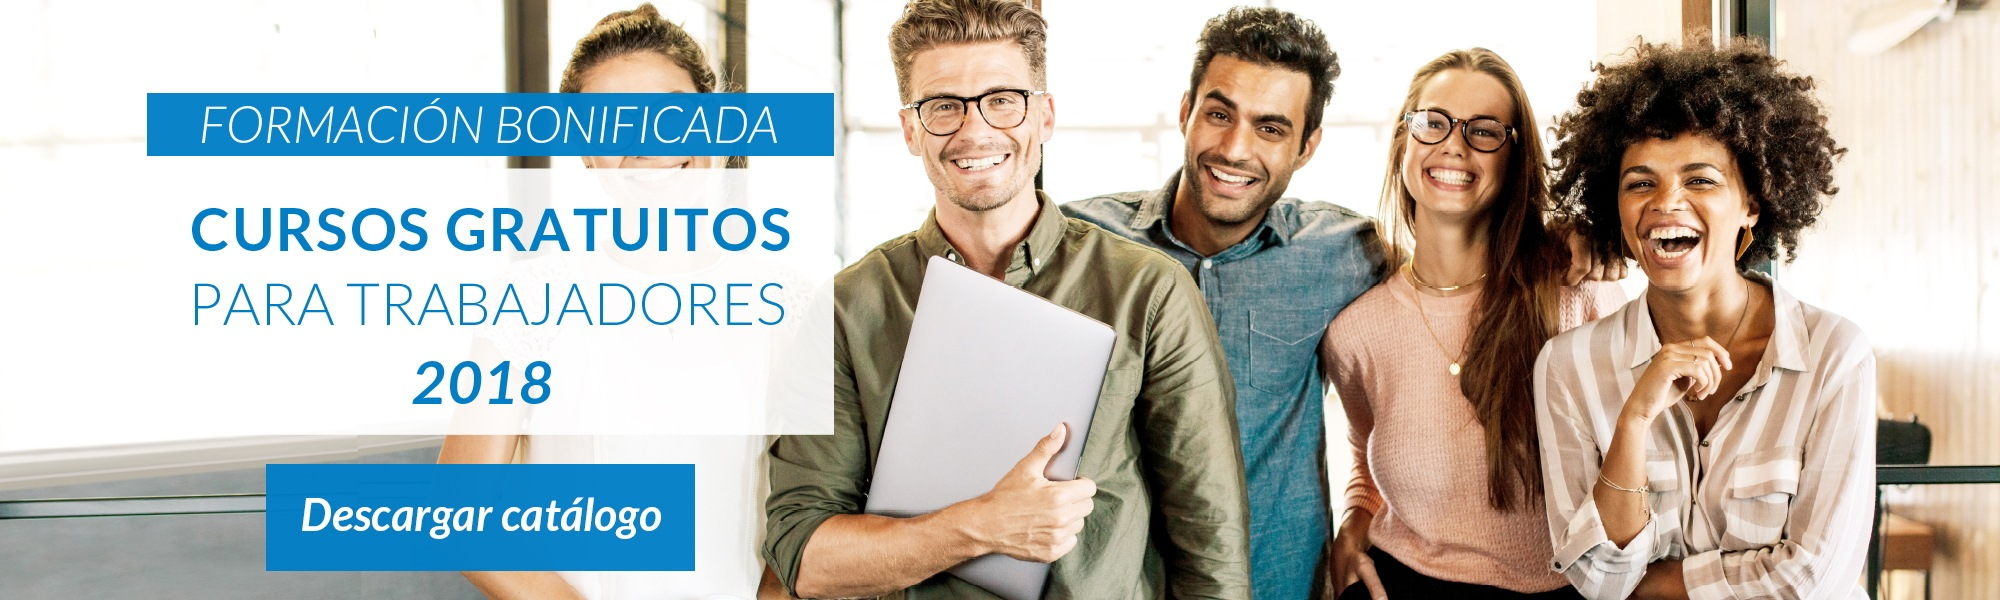 Catálogo de cursos 2018 FORMACIÓN BONIFICADA - Grupo2000